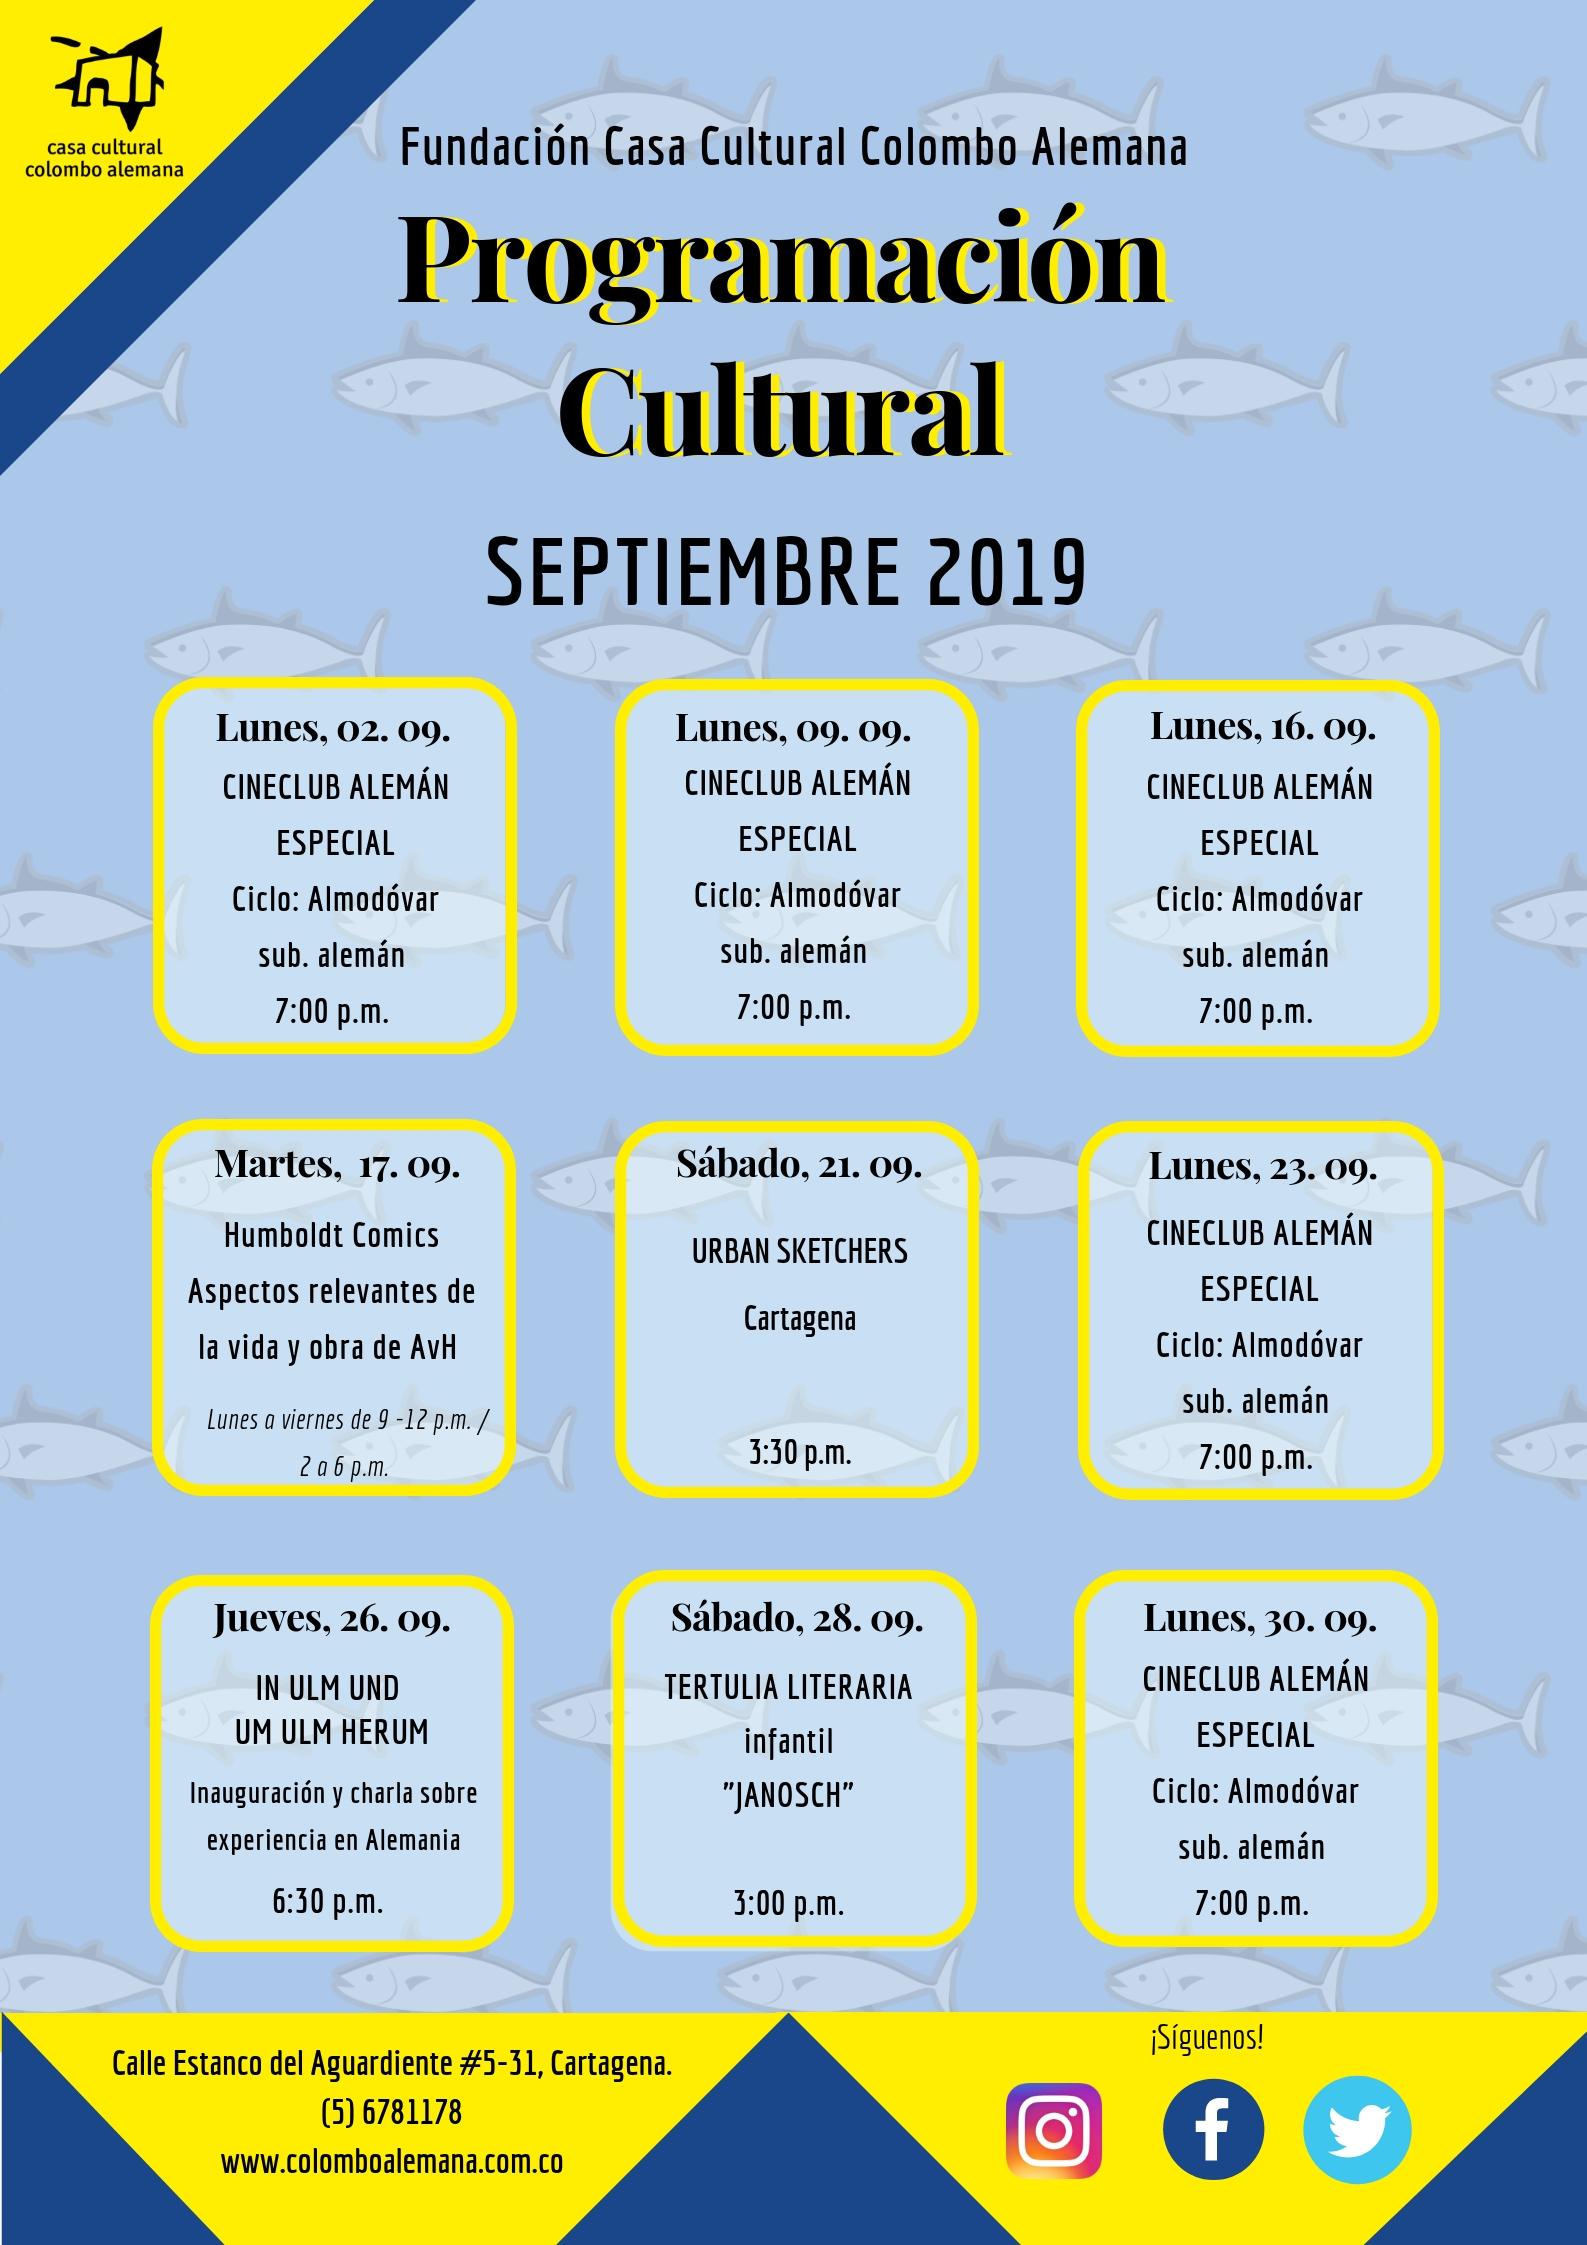 09_Programación Cultural Septiembre 2019